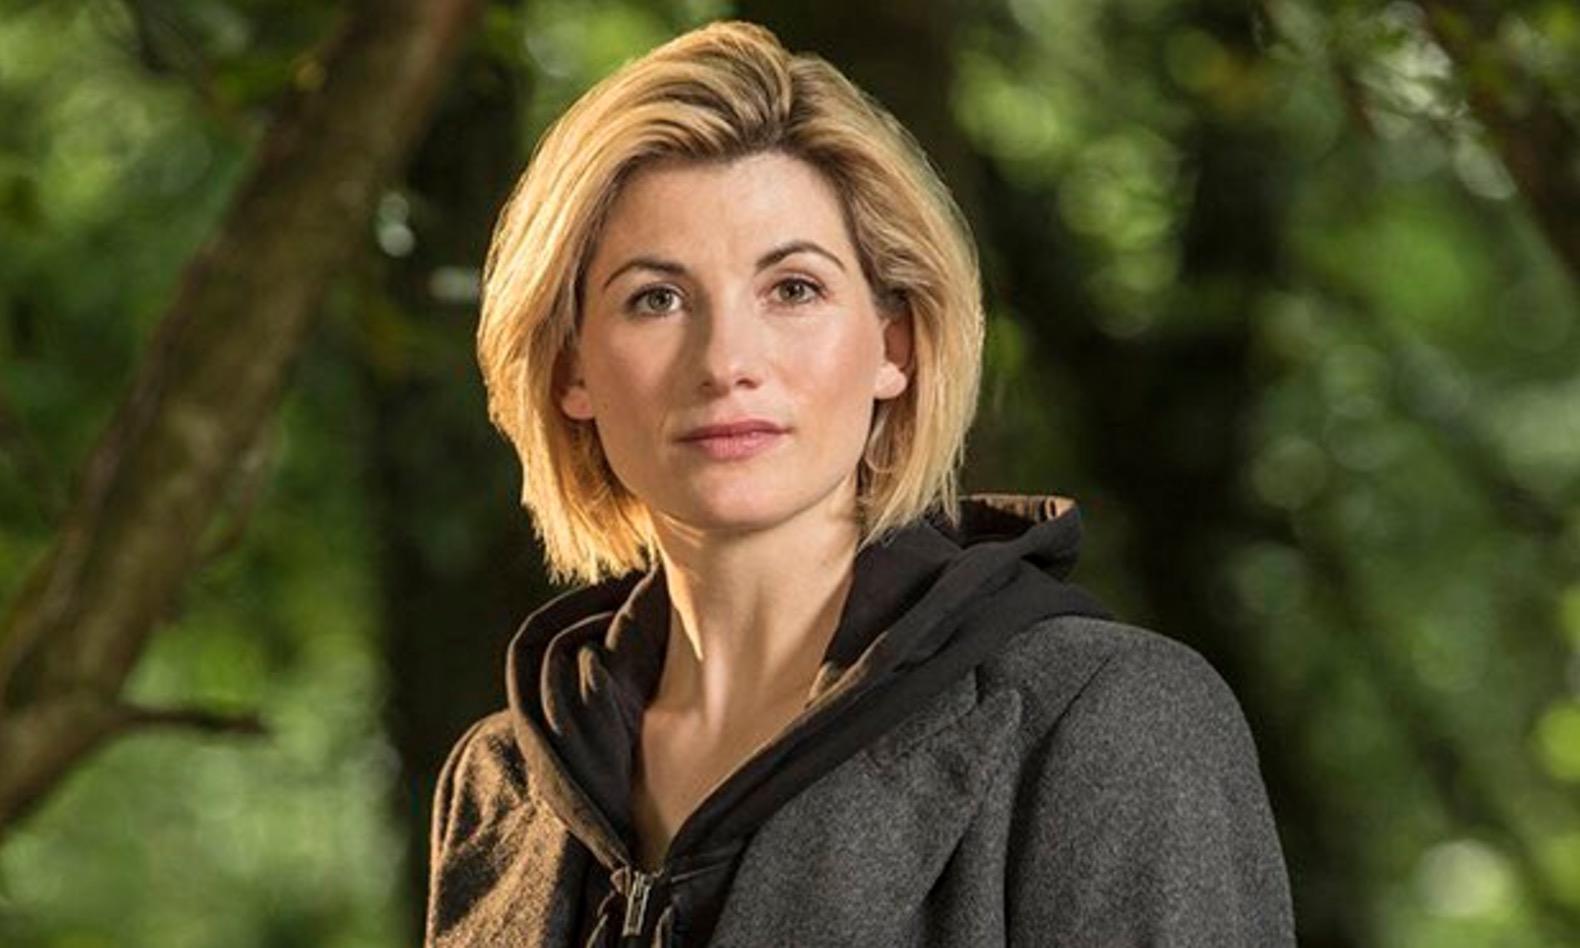 La actriz Jodie Whittaker será la nueva protagonista de 'Doctor Who'